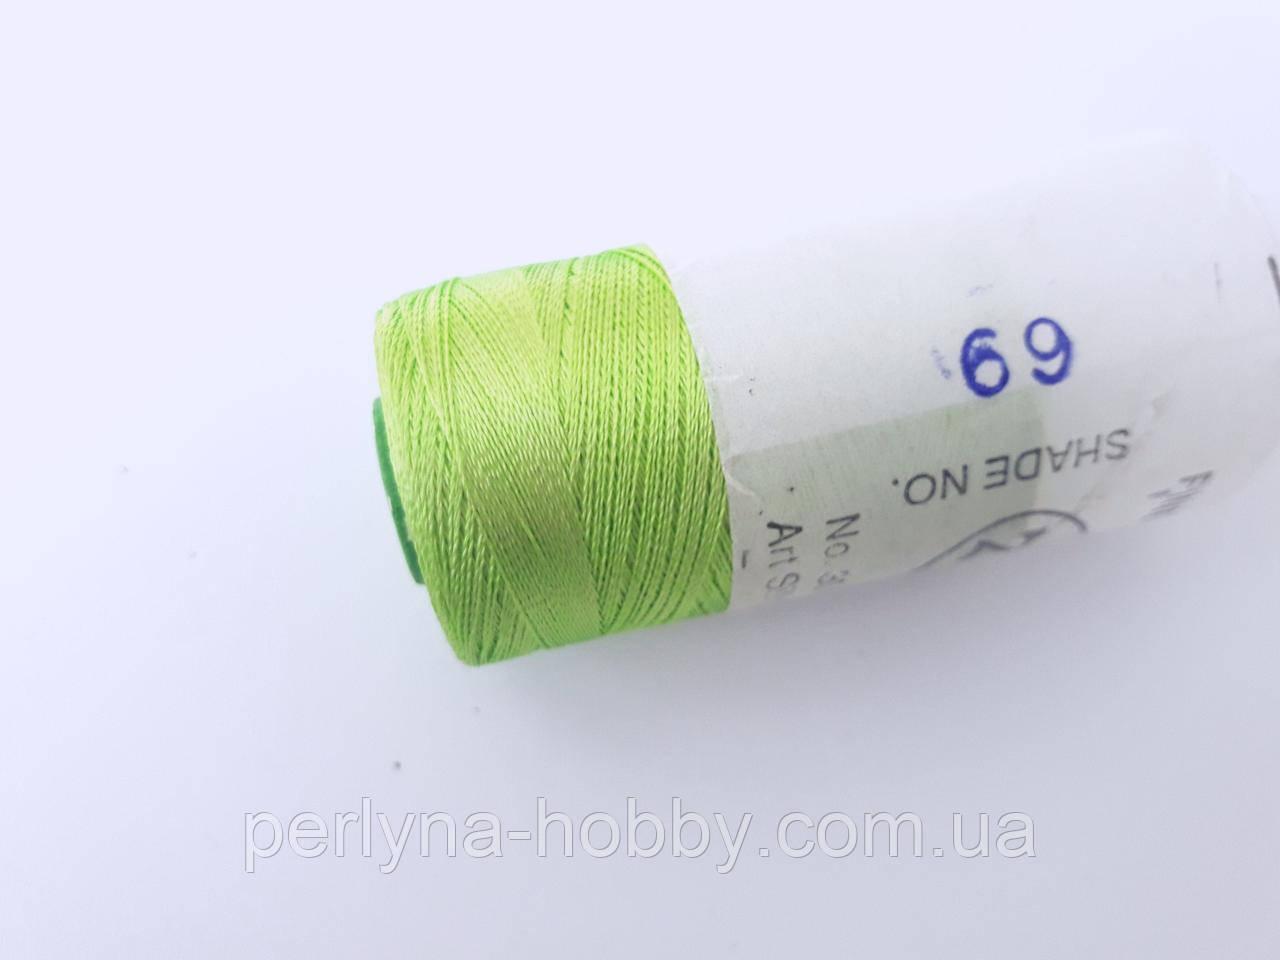 Нитки шовкові ( віскоза ) для вишивання, для  ручної роботи, 23 грам. Індія. Салатовий  № 69